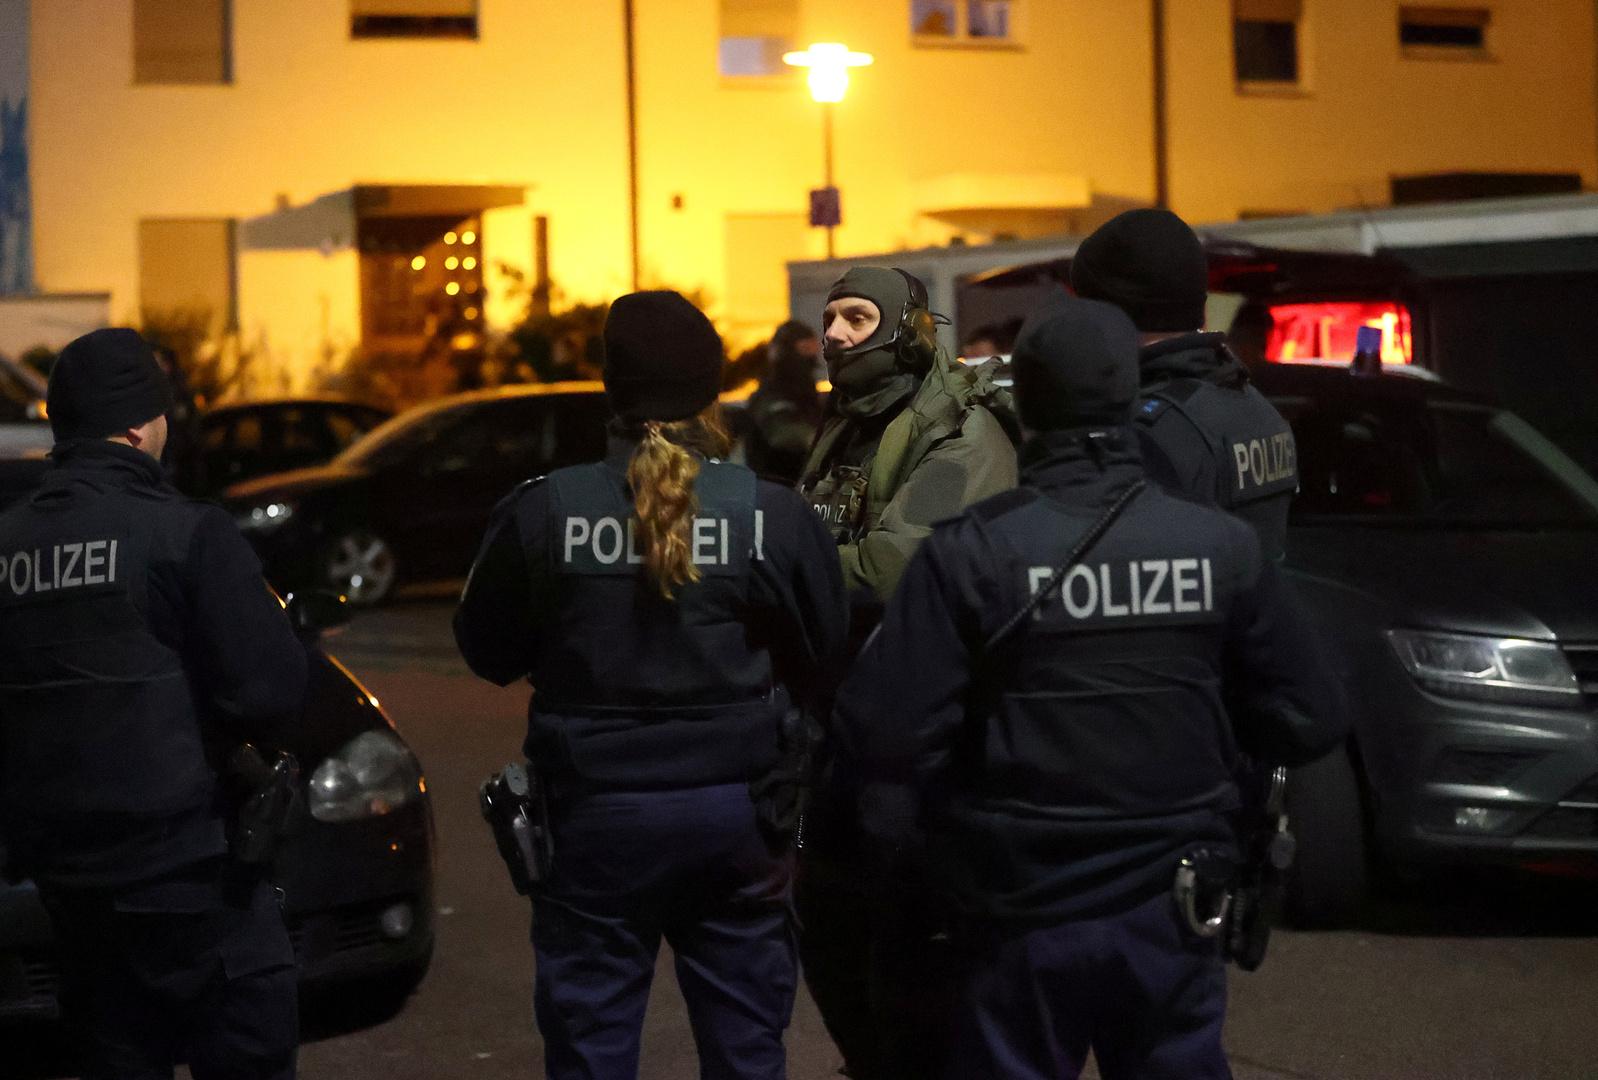 العثور على المشتبه فيه بتنفيذ الهجوم المسلح غربي ألمانيا ميتا في منزله